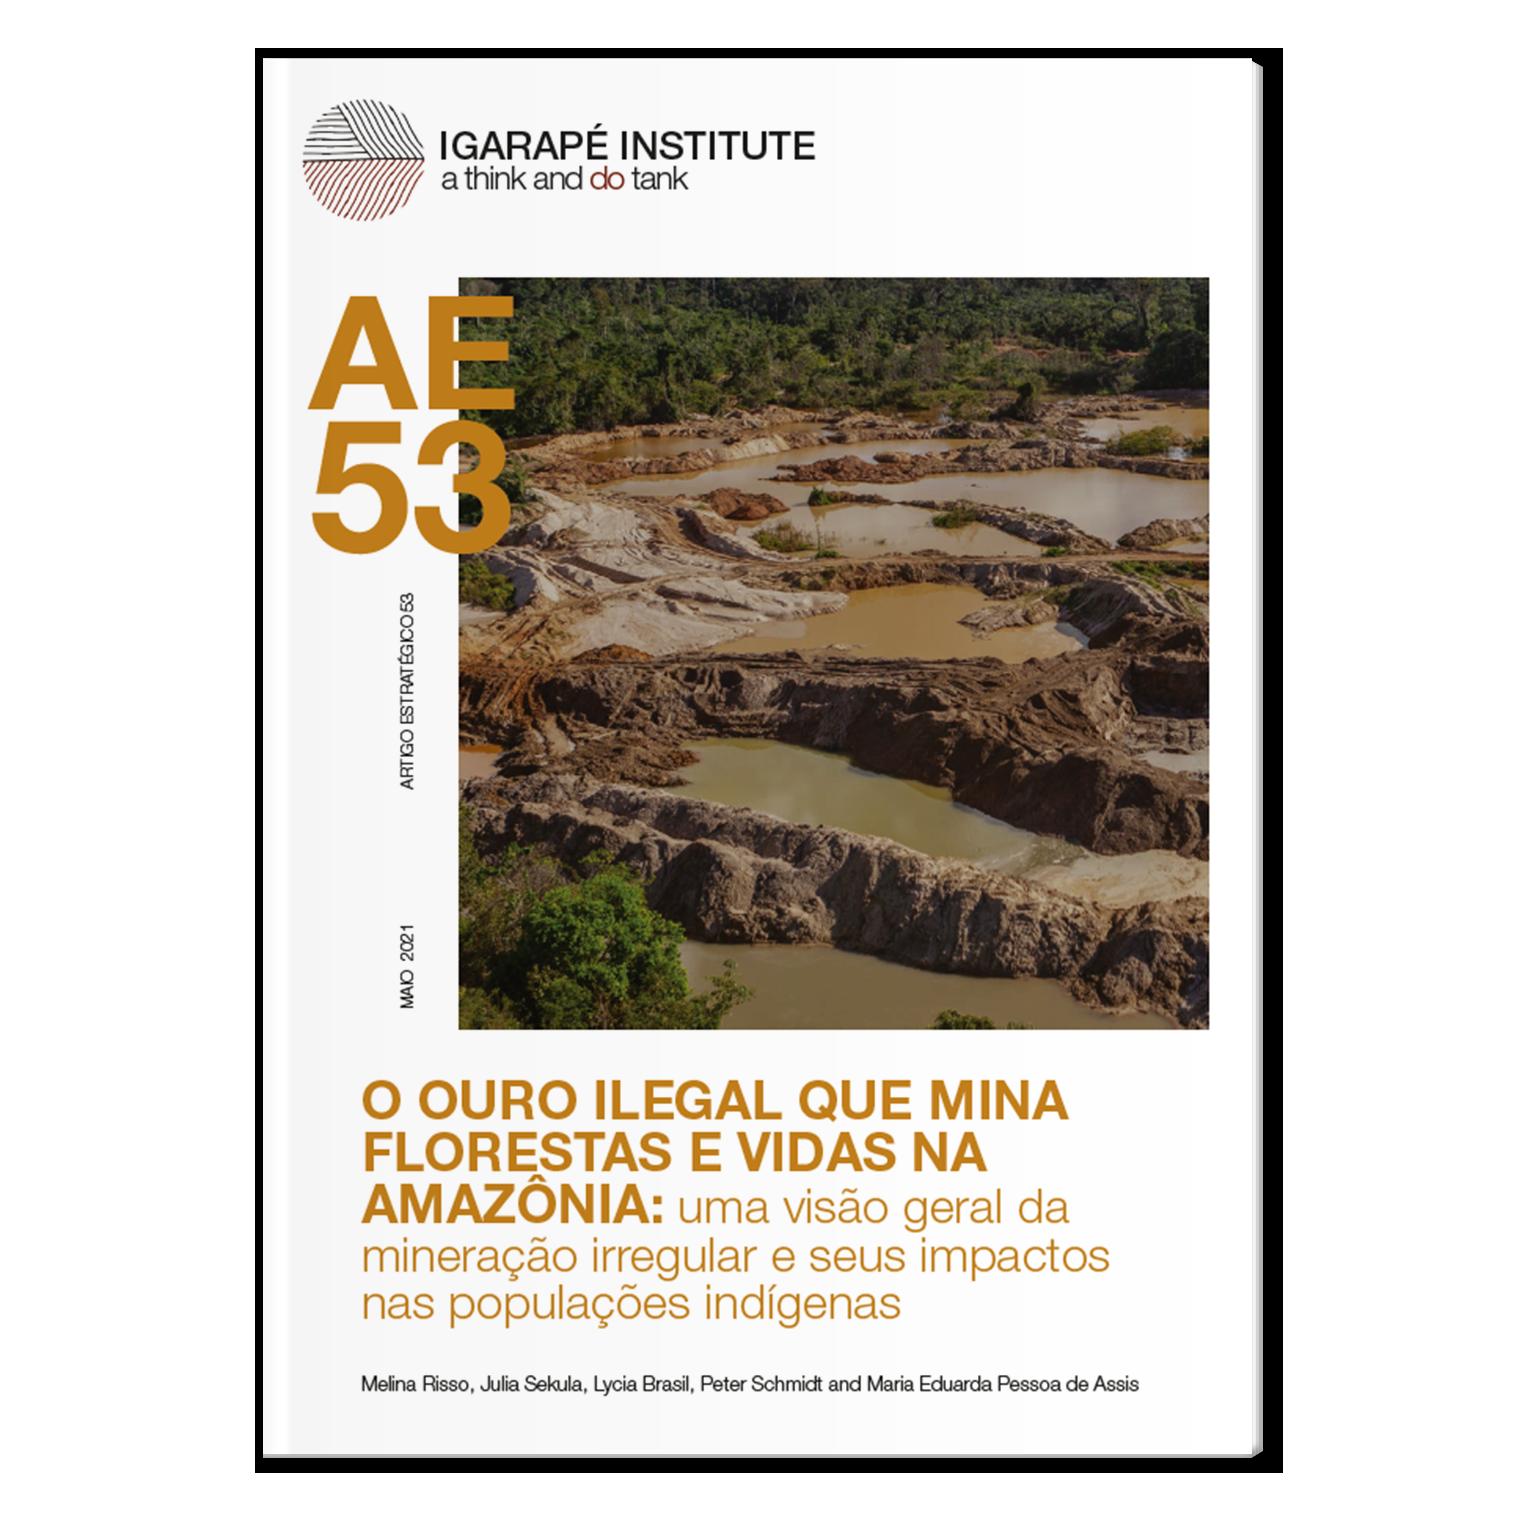 Artigo Estratégico 53 – O ouro ilegal que mina florestas e vidas na Amazônia